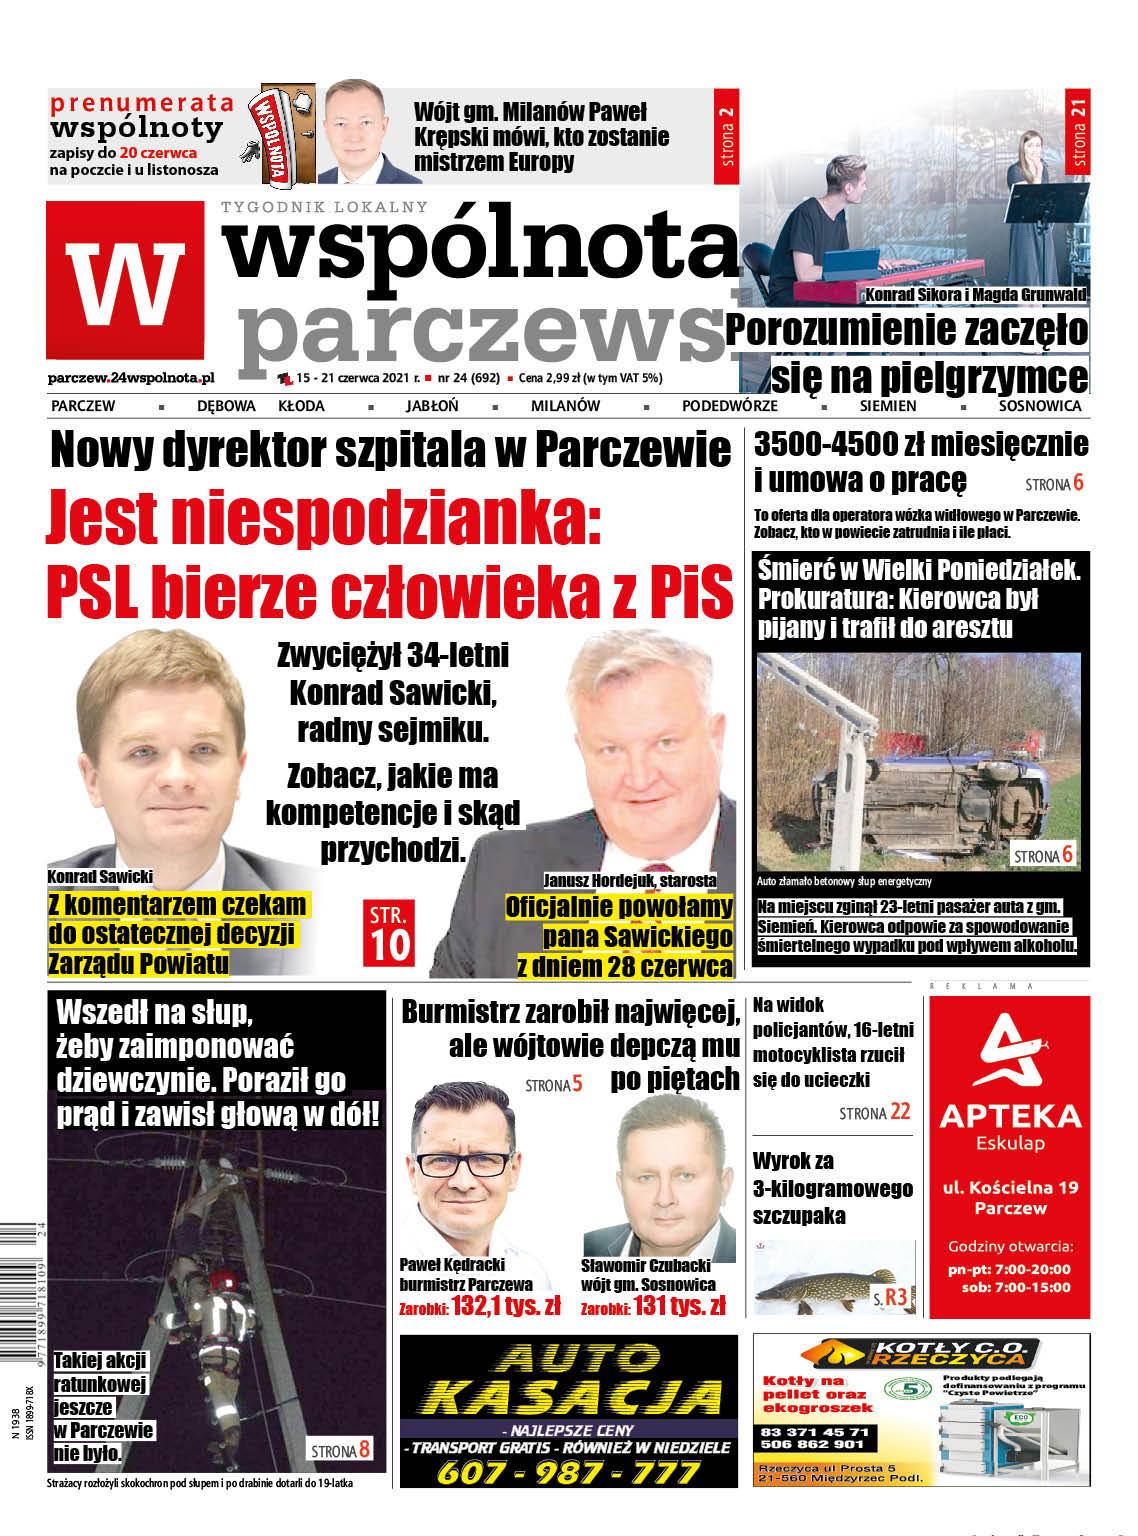 Nowy dyrektor szpitala w Parczewie. Jest niespodzianka: PSL bierze człowieka z PiS - Zdjęcie główne